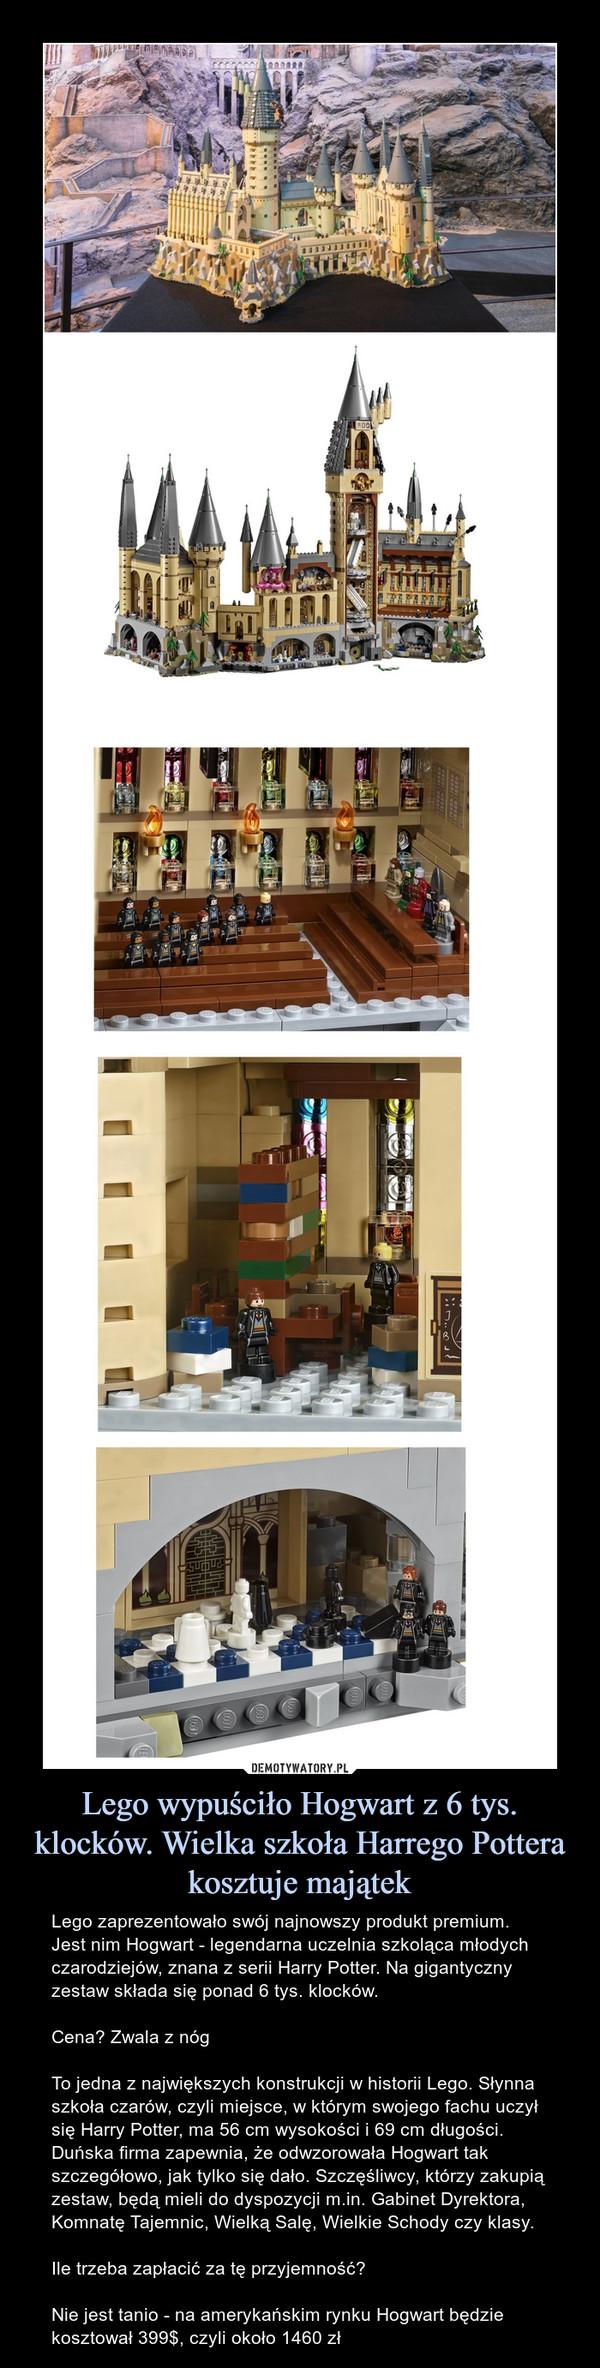 Lego wypuściło Hogwart z 6 tys. klocków. Wielka szkoła Harrego Pottera kosztuje majątek – Lego zaprezentowało swój najnowszy produkt premium. Jest nim Hogwart - legendarna uczelnia szkoląca młodych czarodziejów, znana z serii Harry Potter. Na gigantyczny zestaw składa się ponad 6 tys. klocków.Cena? Zwala z nógTo jedna z największych konstrukcji w historii Lego. Słynna szkoła czarów, czyli miejsce, w którym swojego fachu uczył się Harry Potter, ma 56 cm wysokości i 69 cm długości. Duńska firma zapewnia, że odwzorowała Hogwart tak szczegółowo, jak tylko się dało. Szczęśliwcy, którzy zakupią zestaw, będą mieli do dyspozycji m.in. Gabinet Dyrektora, Komnatę Tajemnic, Wielką Salę, Wielkie Schody czy klasy.Ile trzeba zapłacić za tę przyjemność?Nie jest tanio - na amerykańskim rynku Hogwart będzie kosztował 399$, czyli około 1460 zł